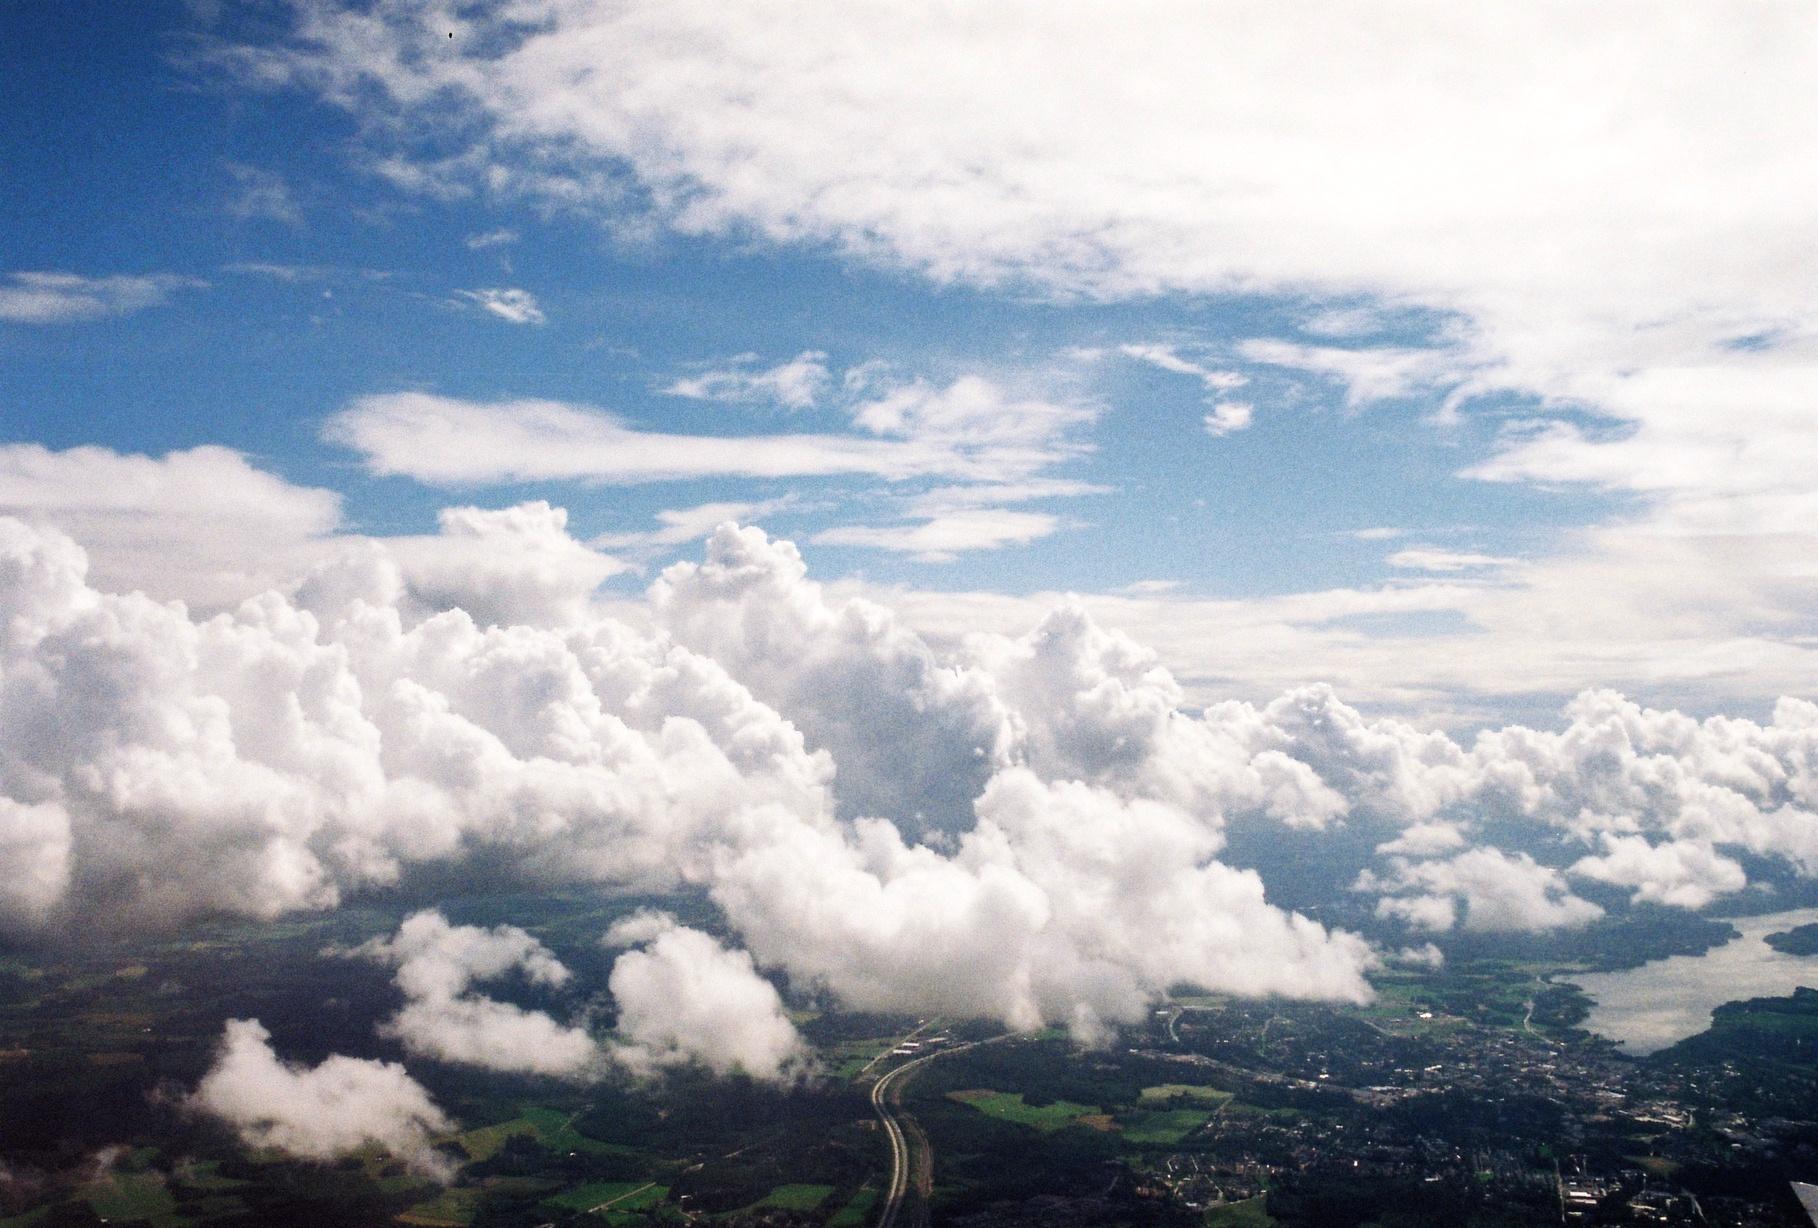 J'ai toujours aimé l'avion. Être dans les airs - dans les cieux je me perds.  J'ai toujours voulu voler - tendre les bras et être rattrapée.  Quitte à tomber, que cela se fasse dans la douceur.                             Quitte à chuter, autant en profiter.